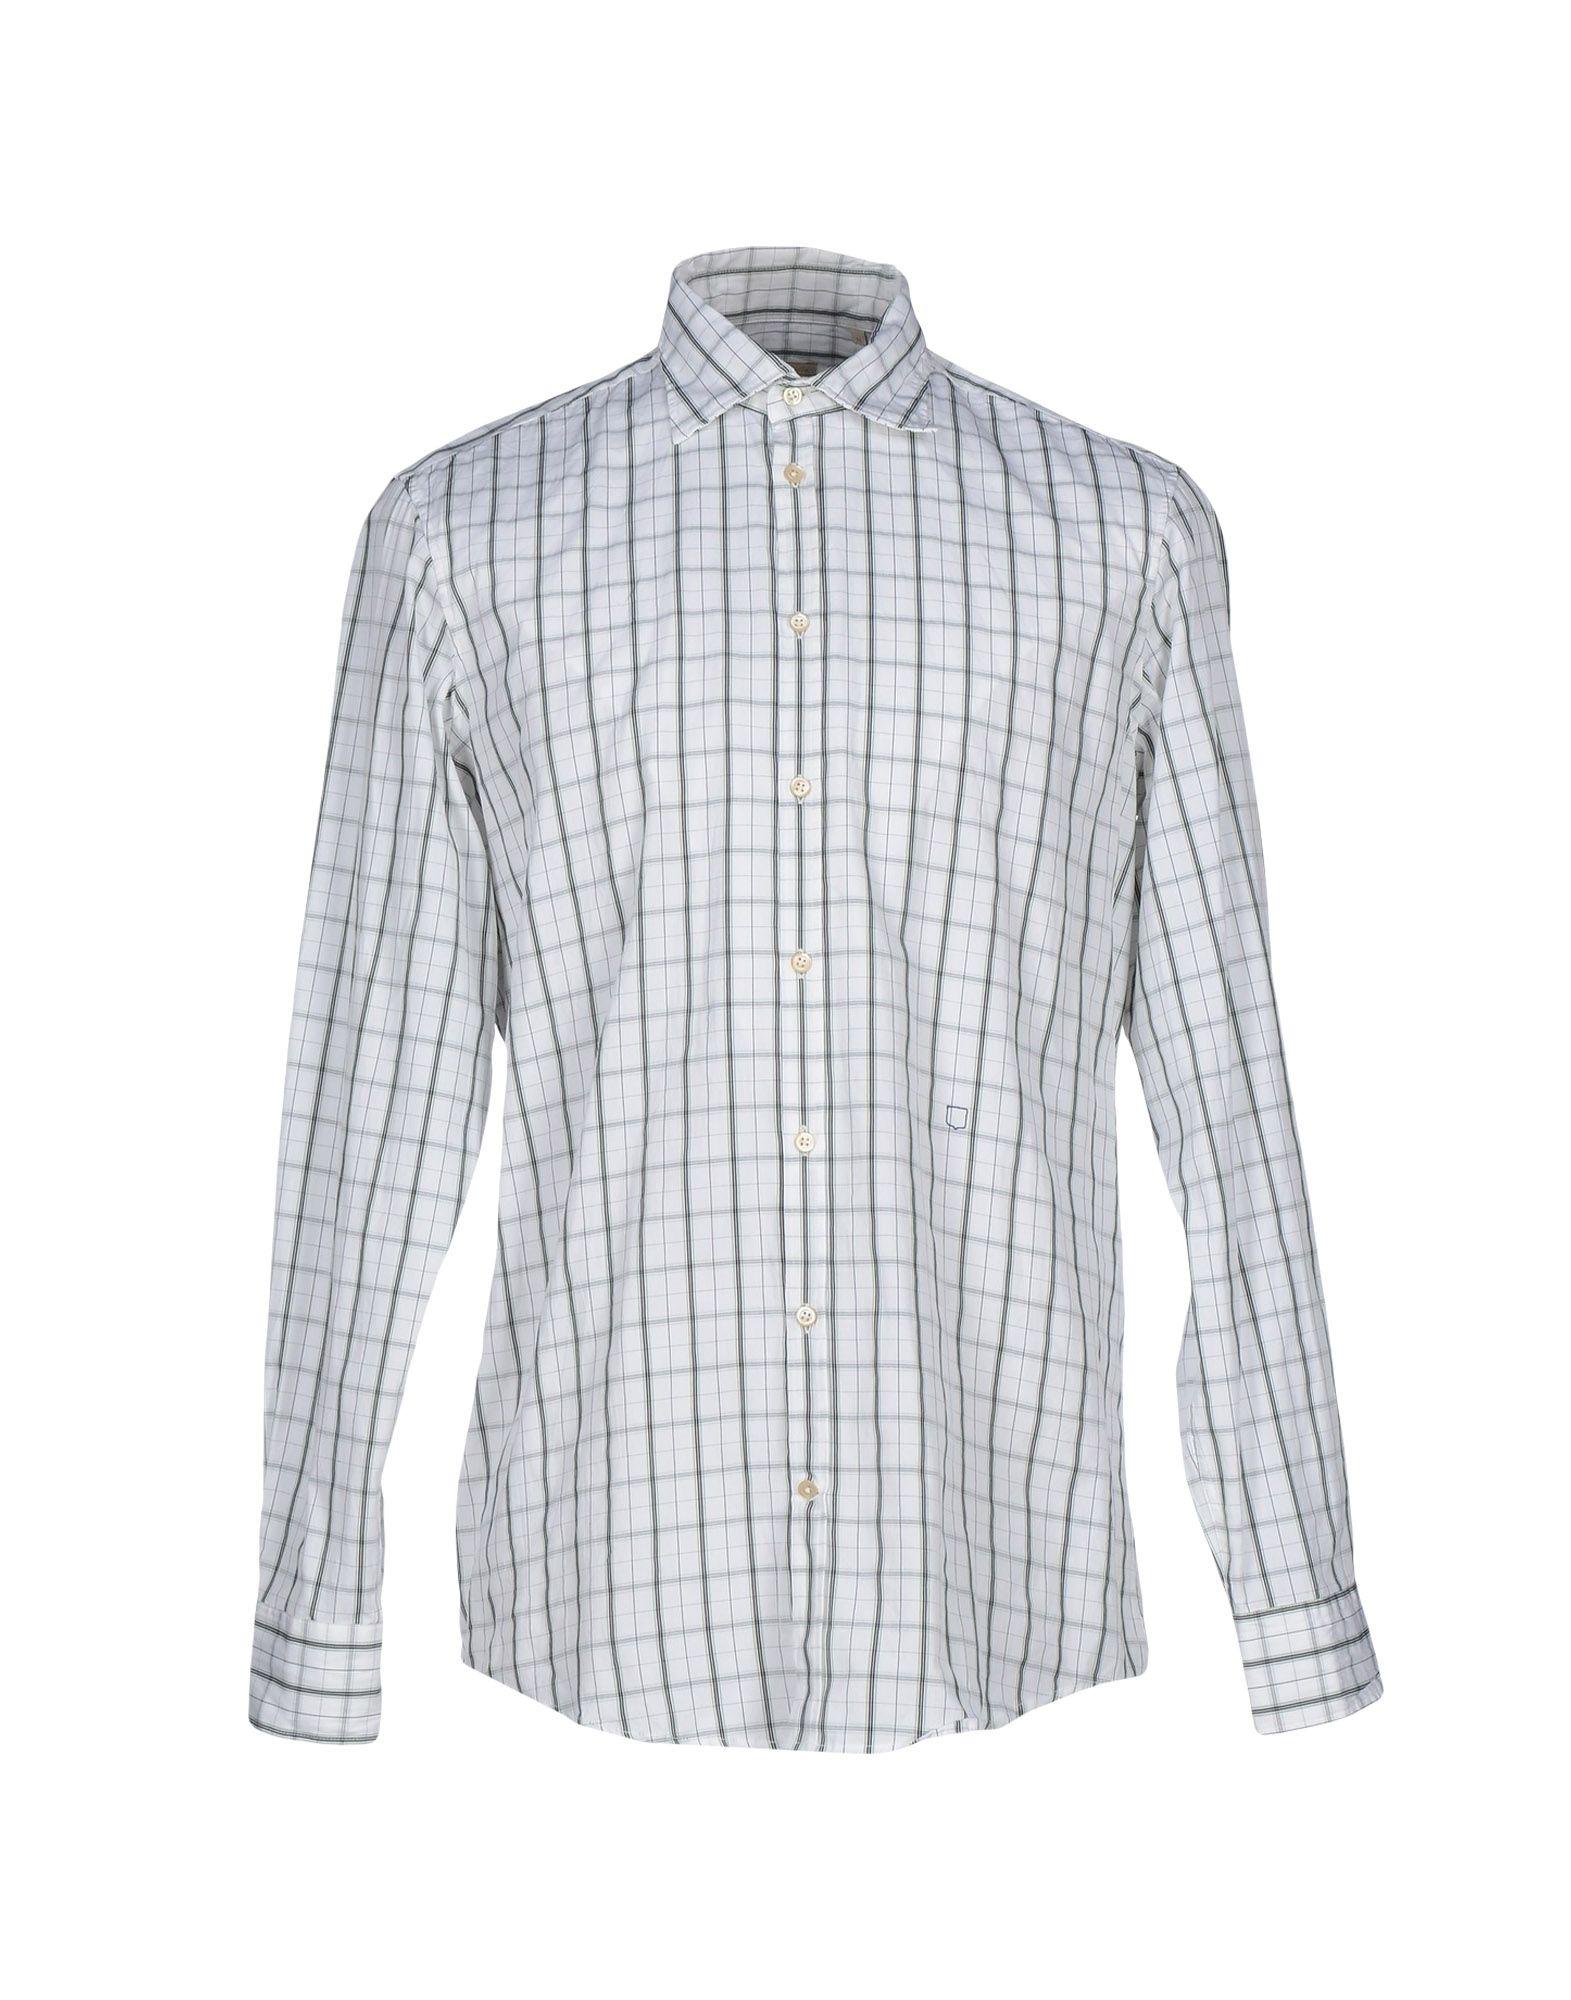 Massimo alba Shirt in Blue for Men